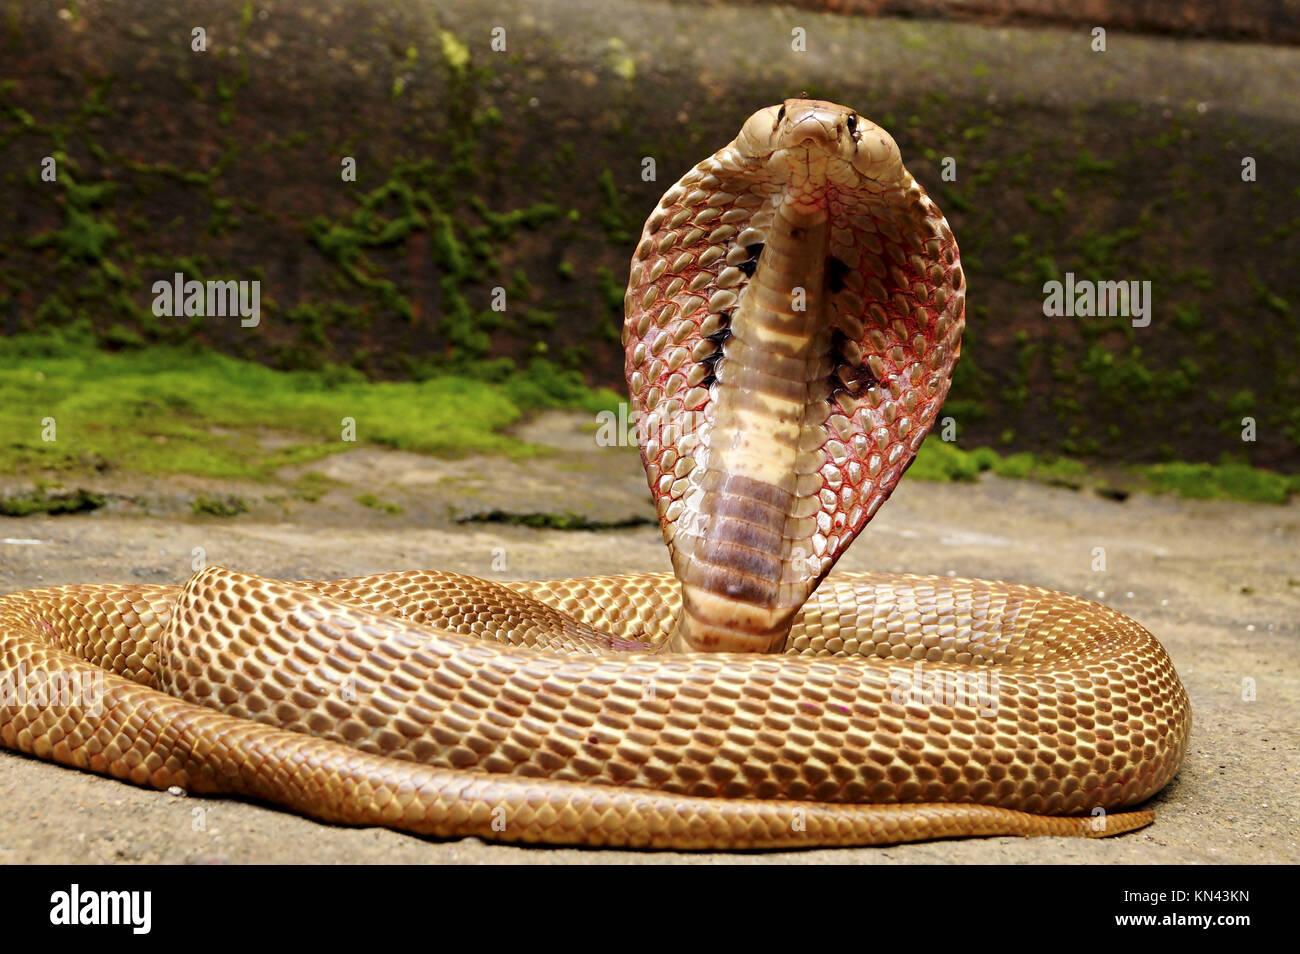 Why the Cobra hood